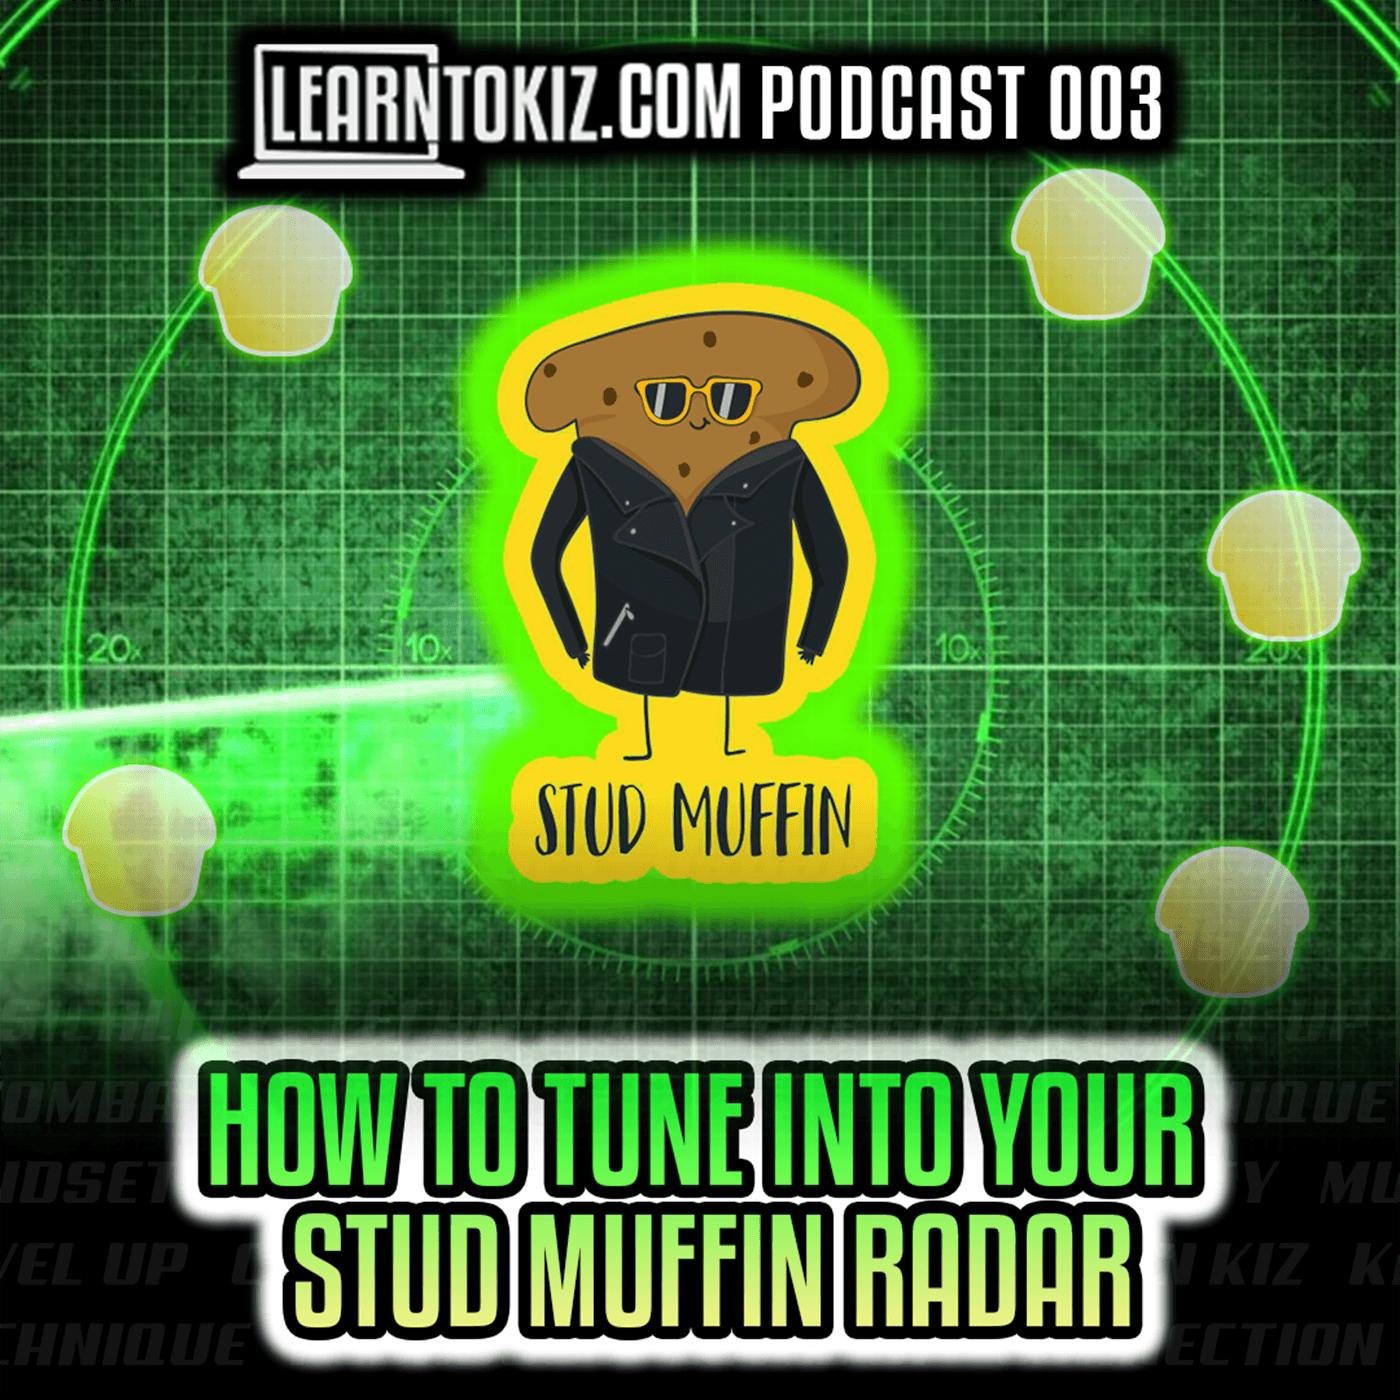 Artwork for podcast Learntokiz.com Podcast